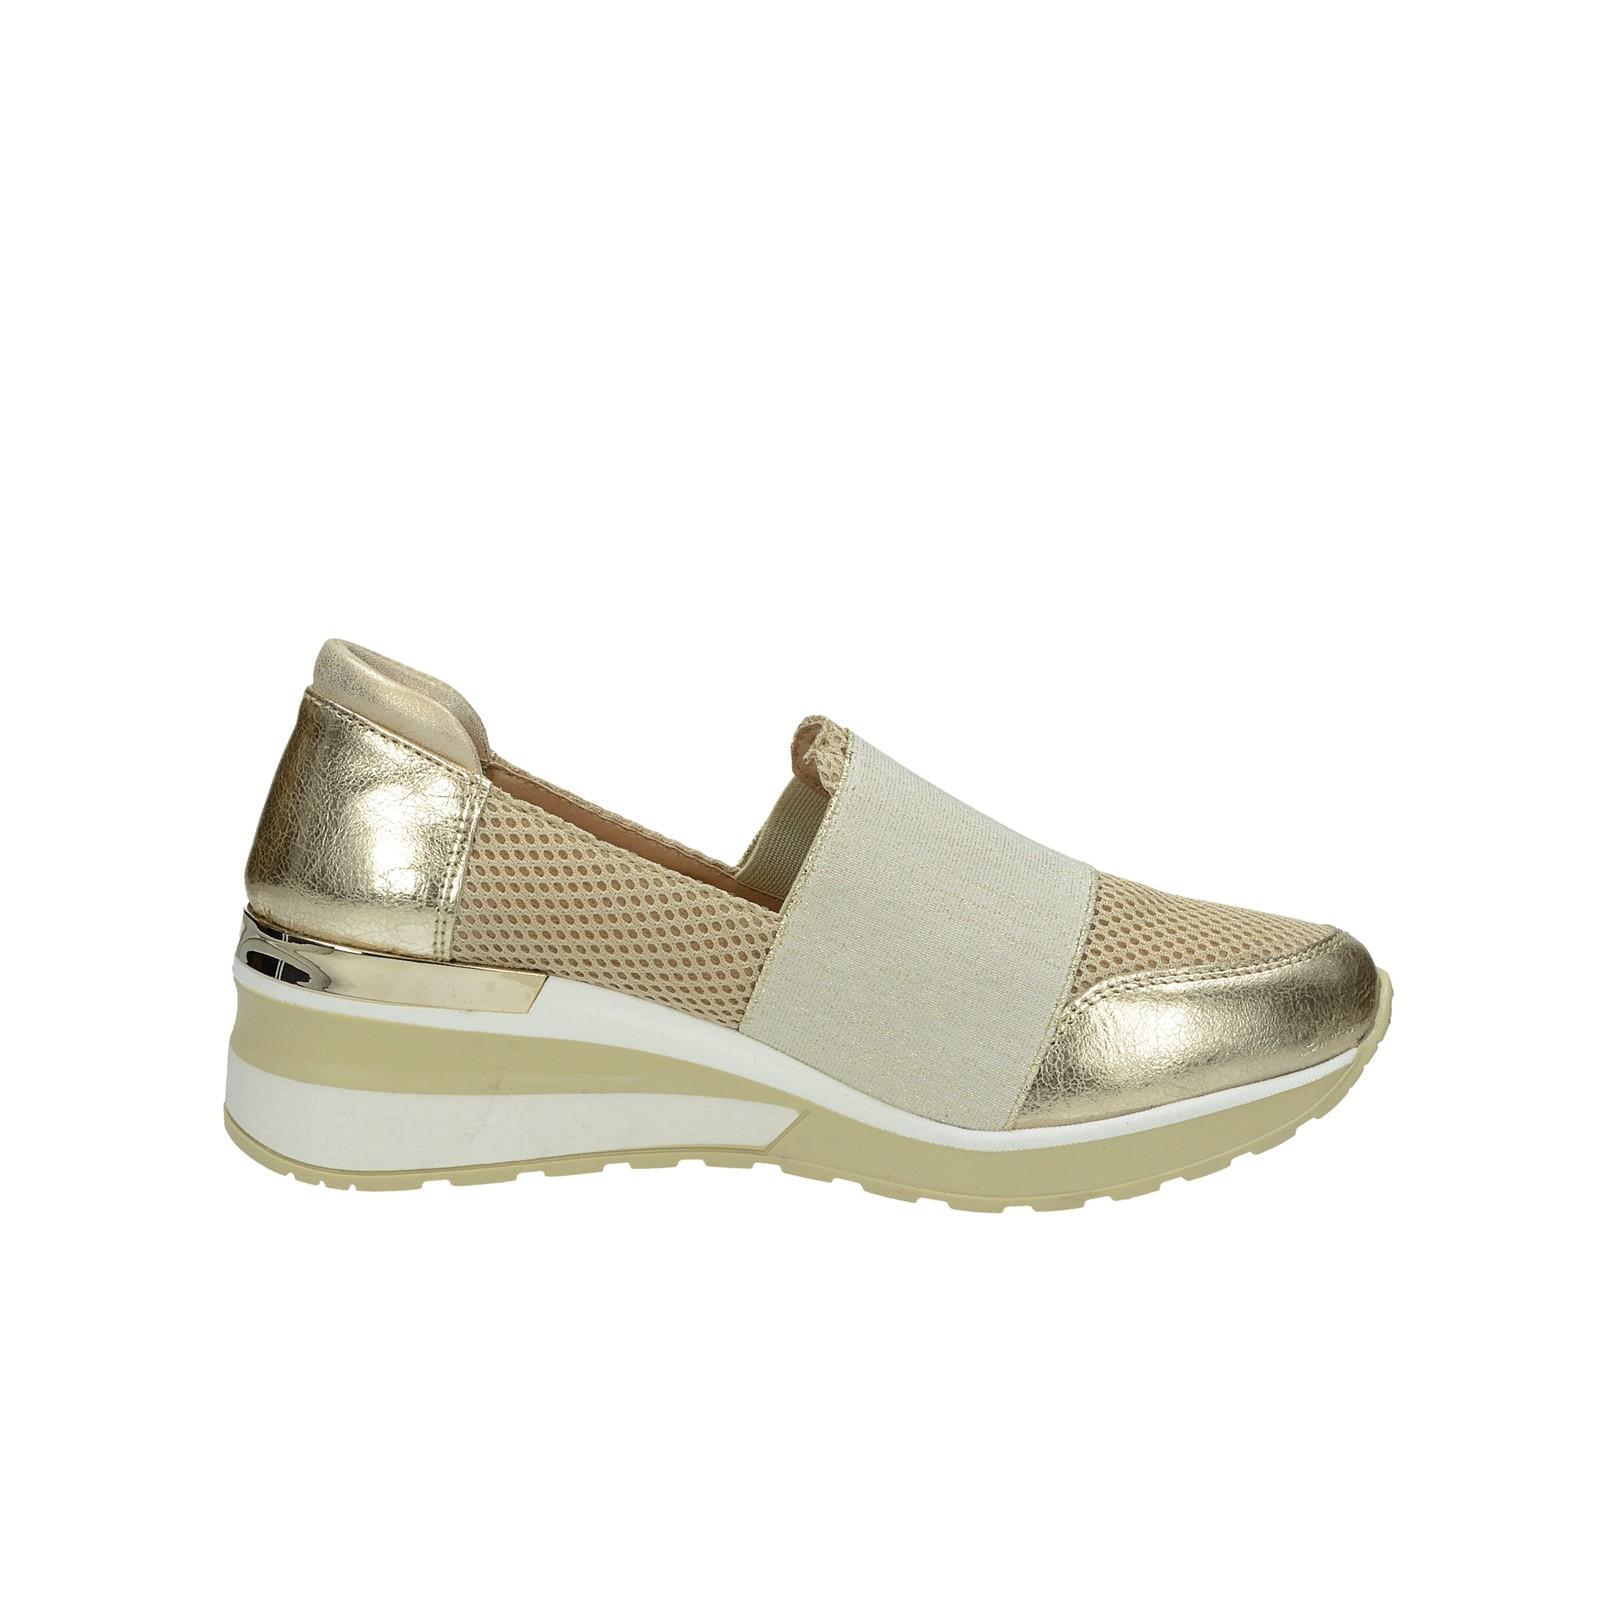 c82bbb547904 ... Olivia shoes dámske kožené štýlové poltopánky - zlaté ...